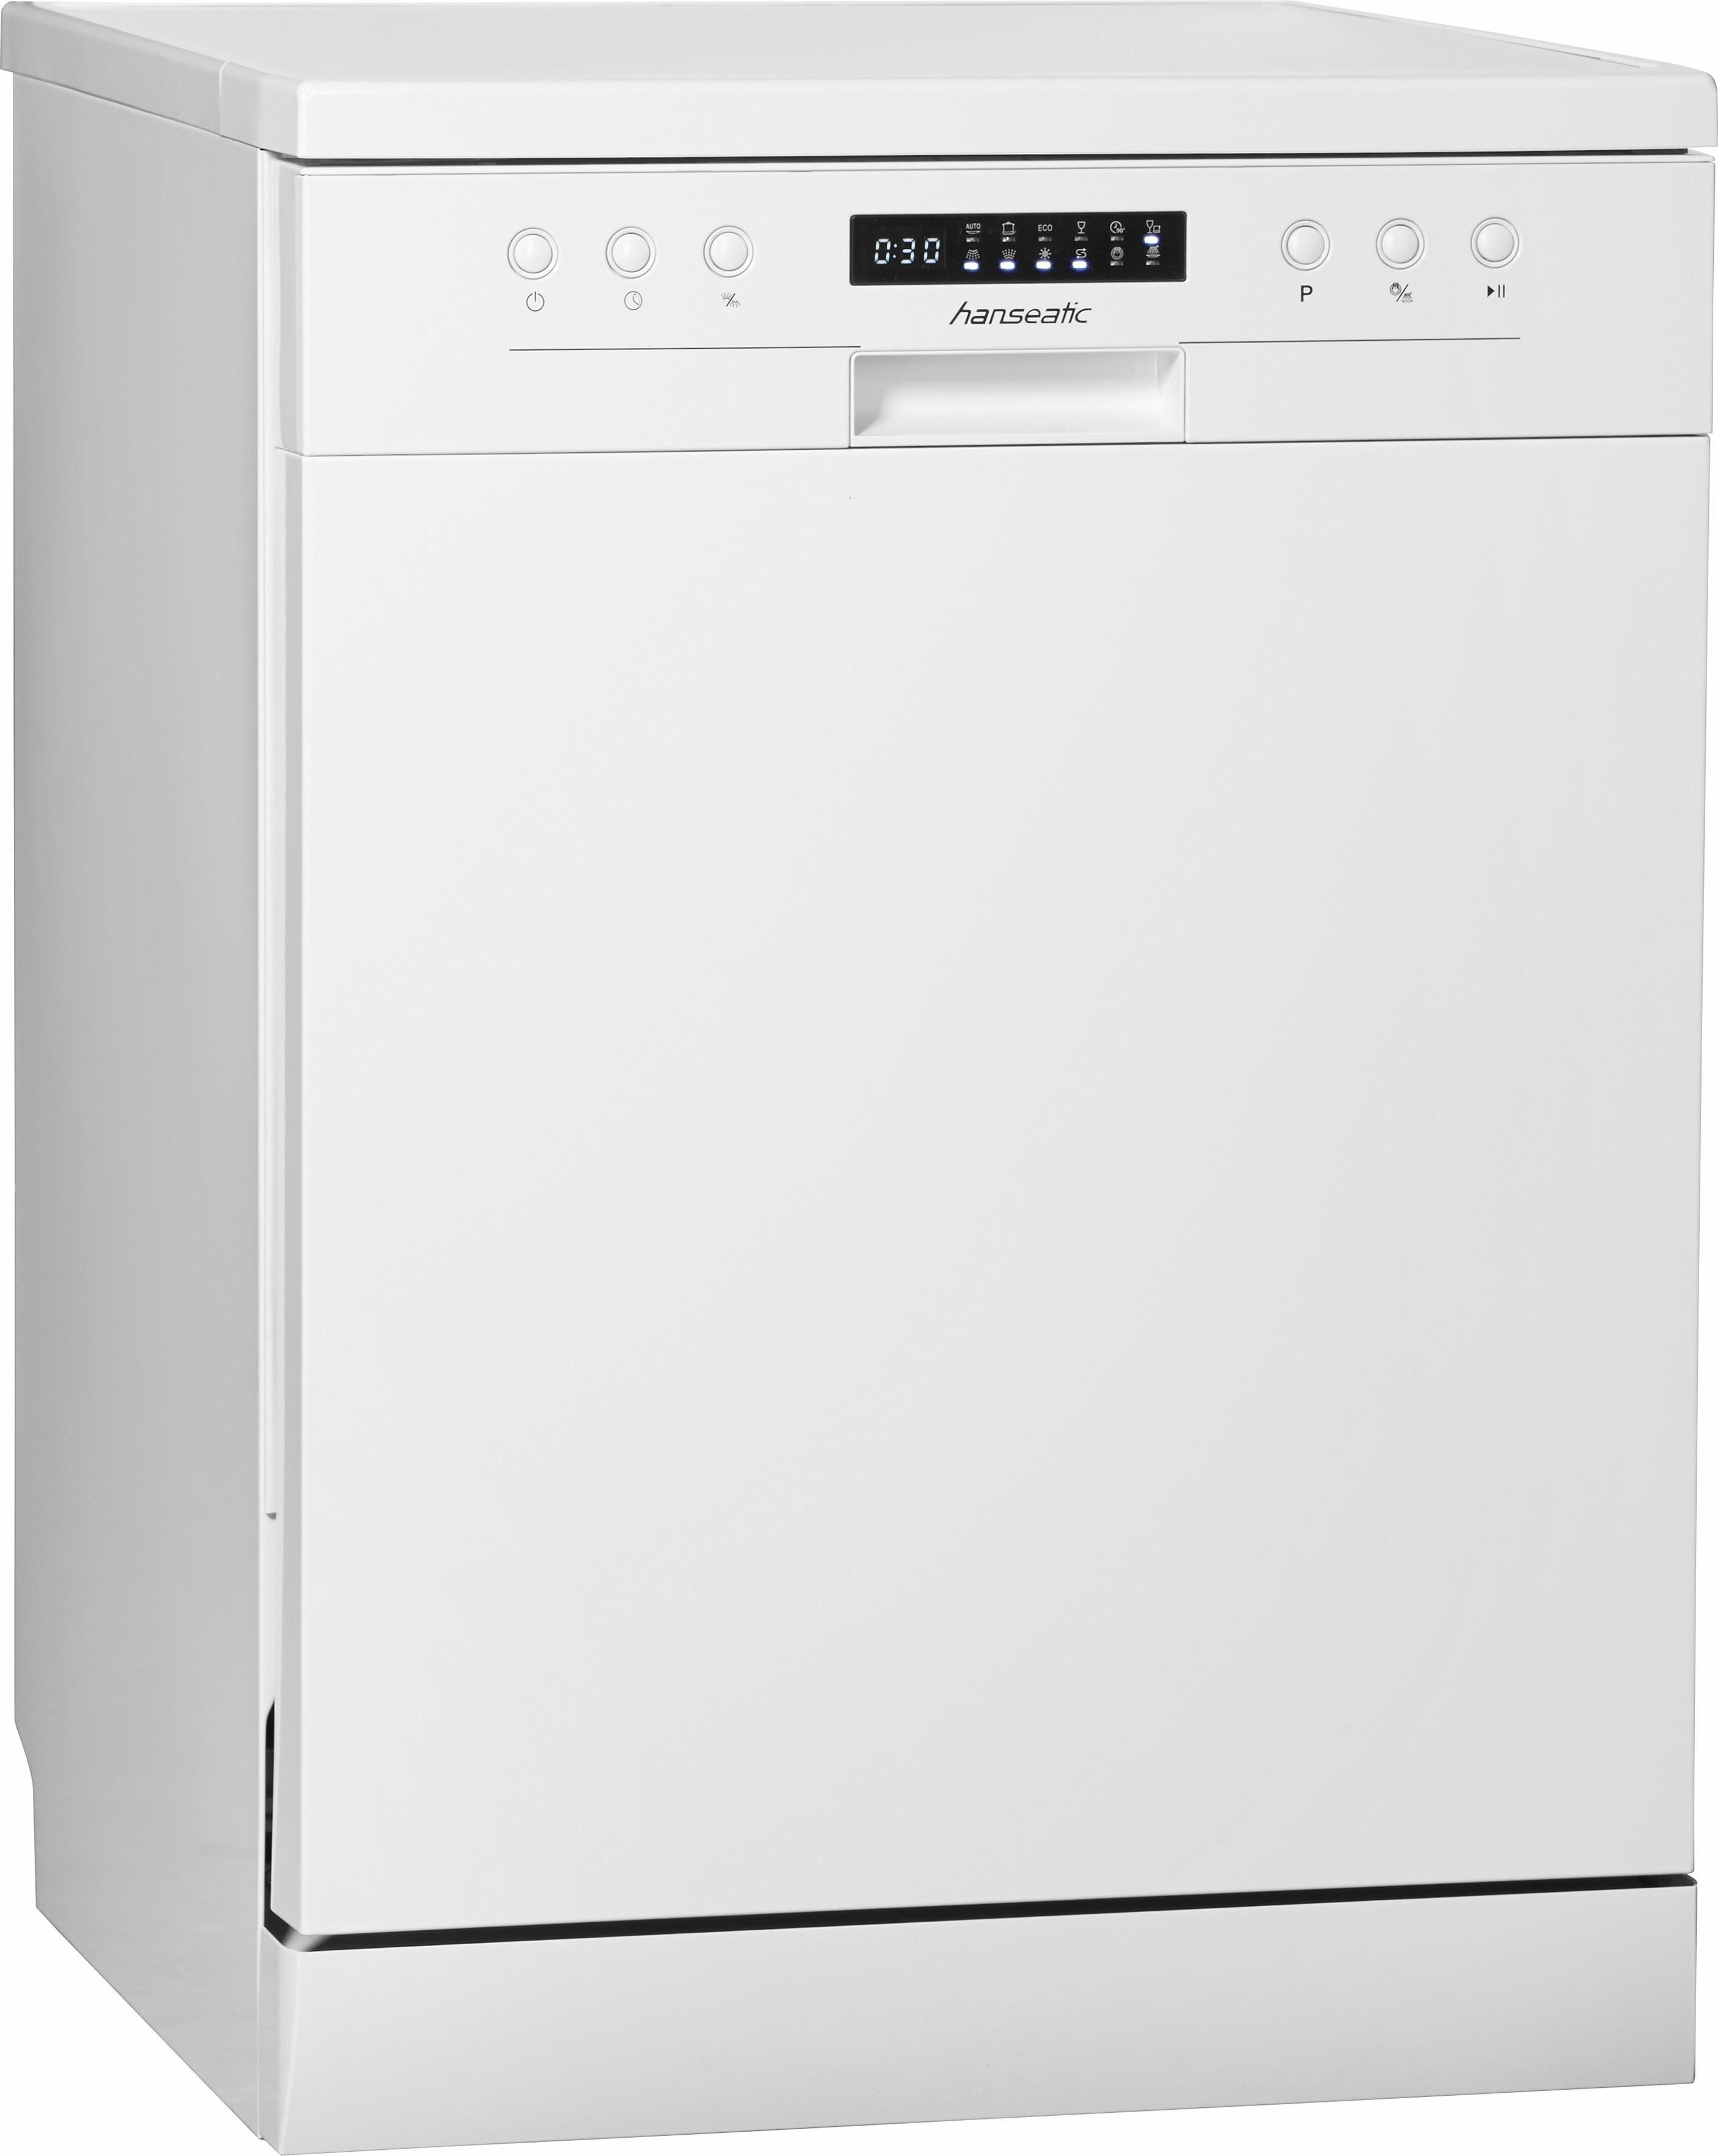 Hanseatic Geschirrspüler WQP12-J7609D white A+++, A+++, 10 Liter, 13 Maßgedecke